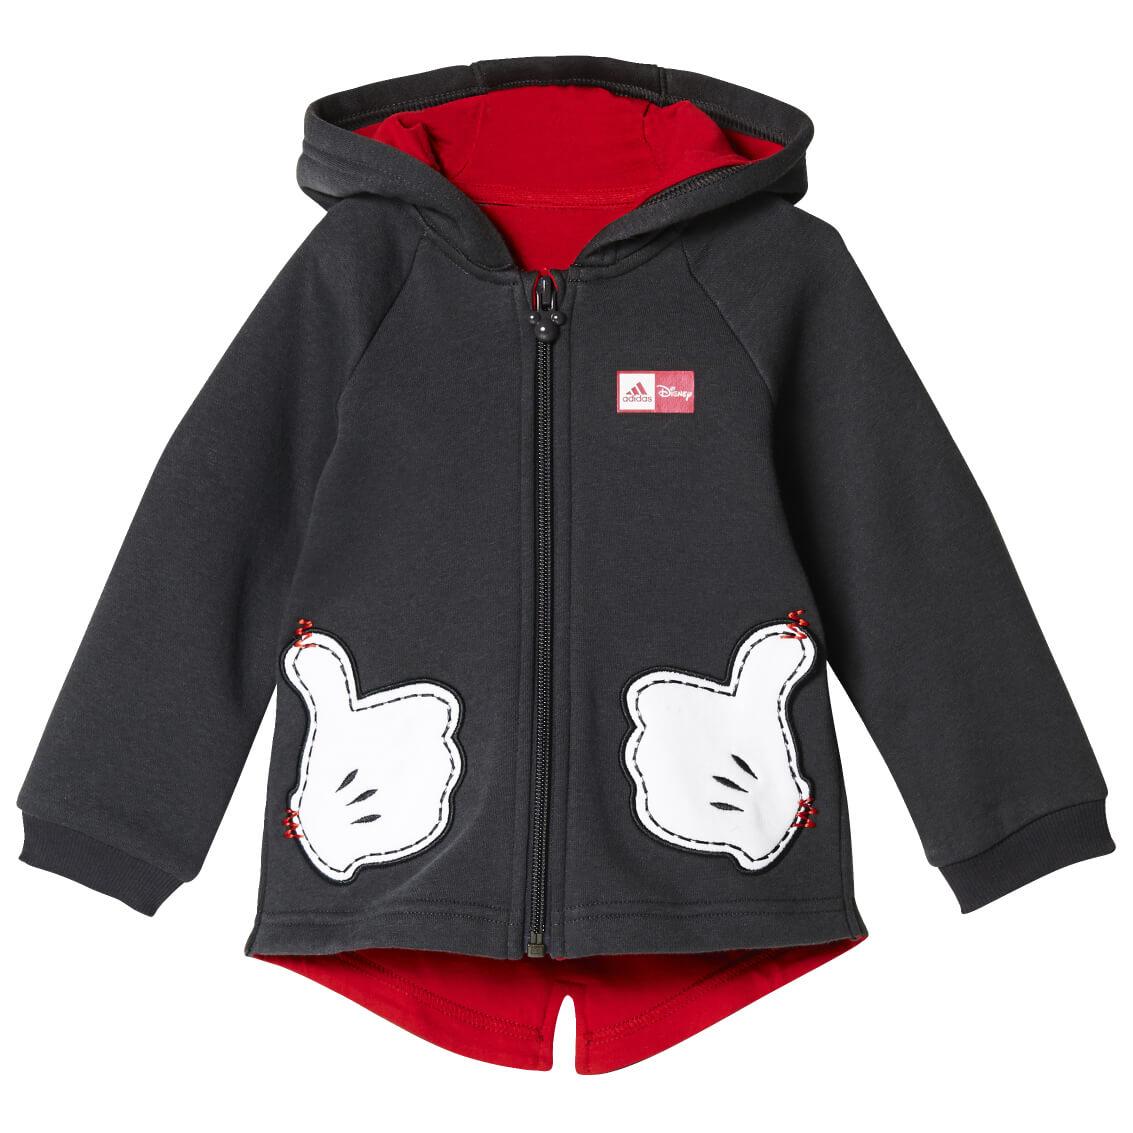 Acquista Jogger Mickey Tuta Bambini Adidas Da Mouse Allenamento qAz1wS